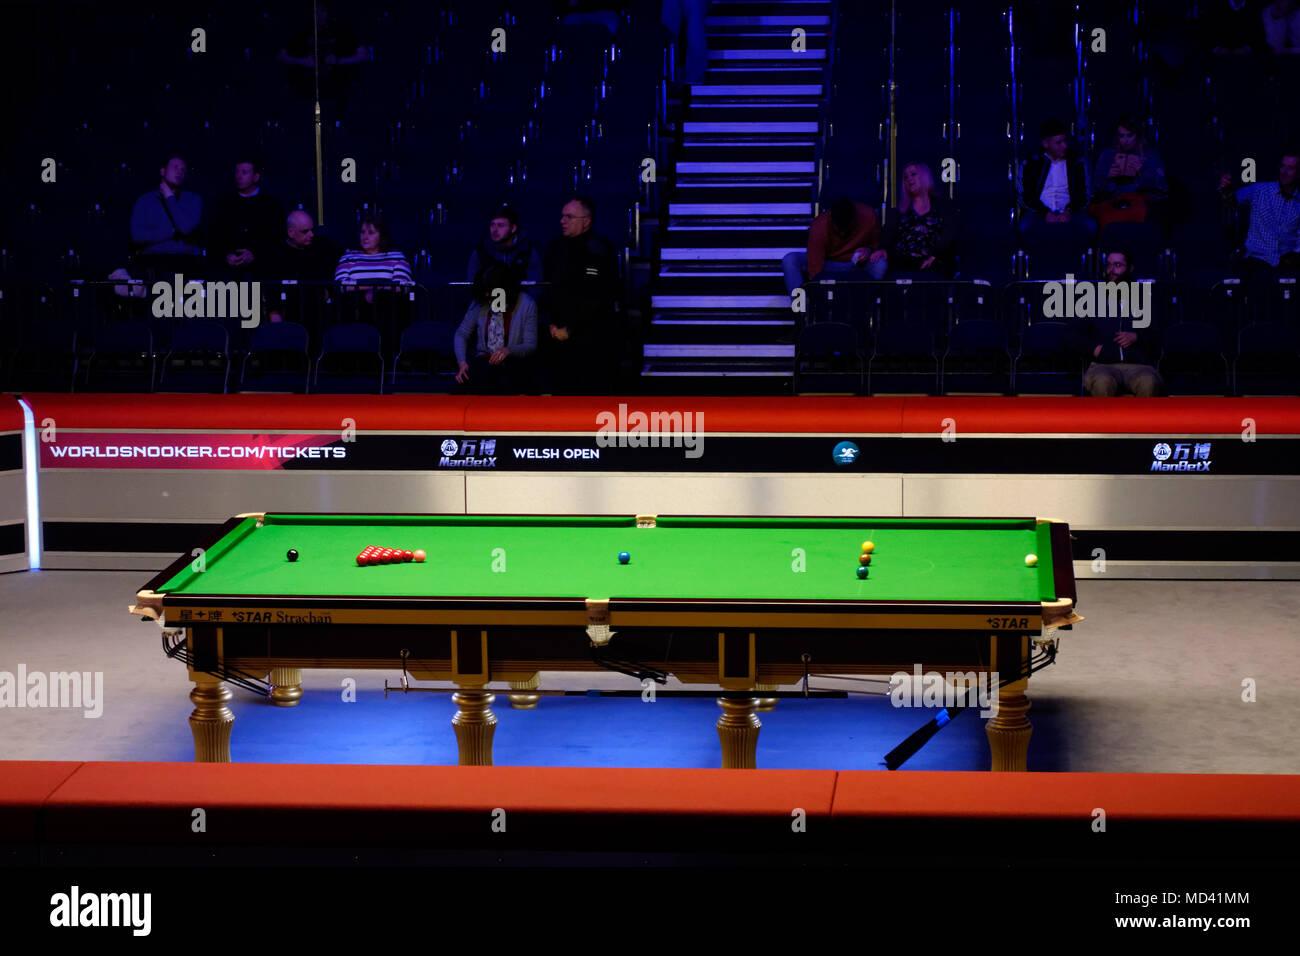 Tavolo da biliardo a Welsh Open Snooker torneo, 2018 Foto & Immagine ...